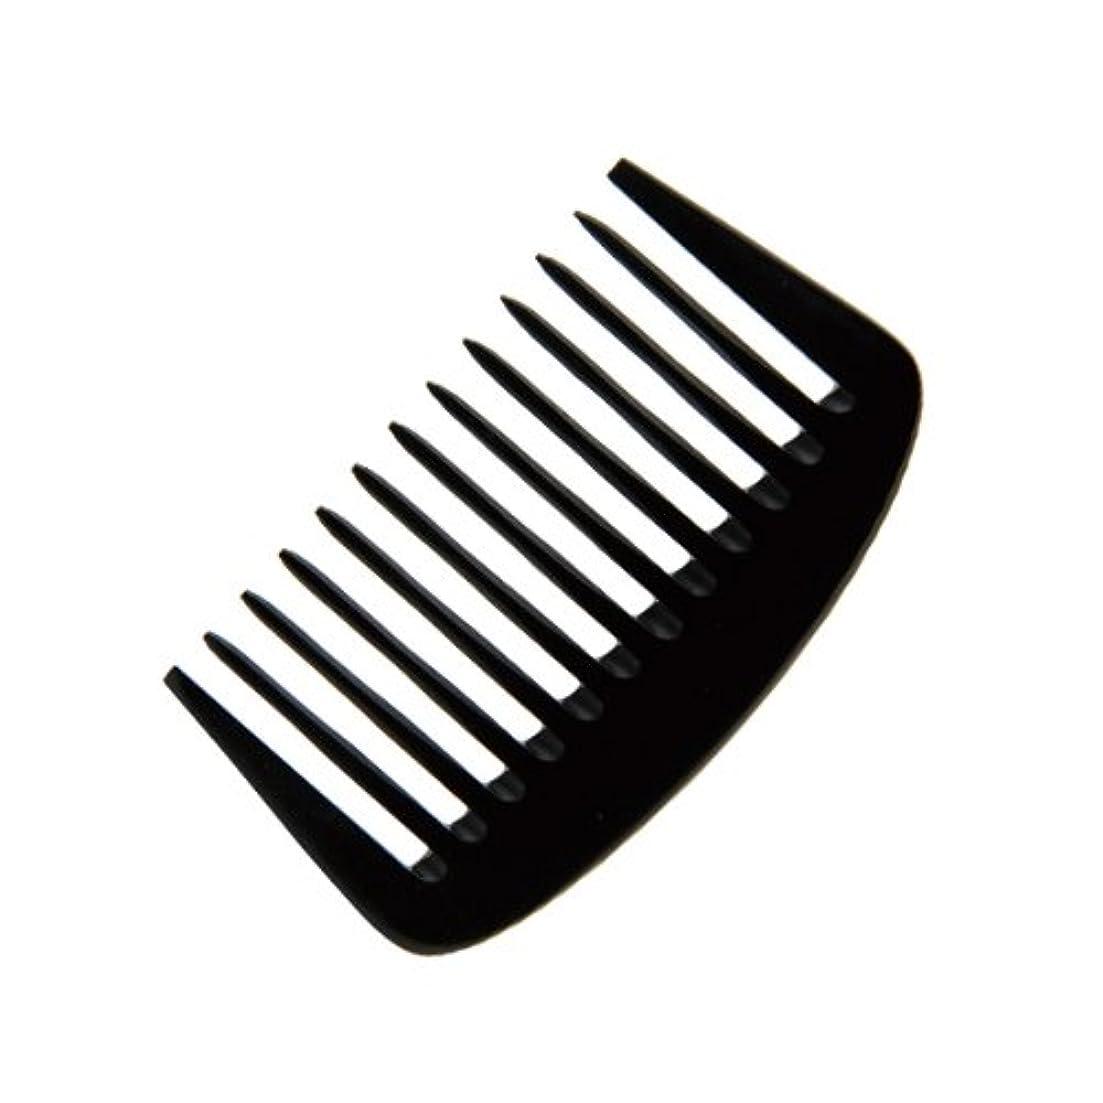 襟対称浴エトゥベラ e-ーフムーンコーム K-8010 105mm (美容室用) 全2色ブラック